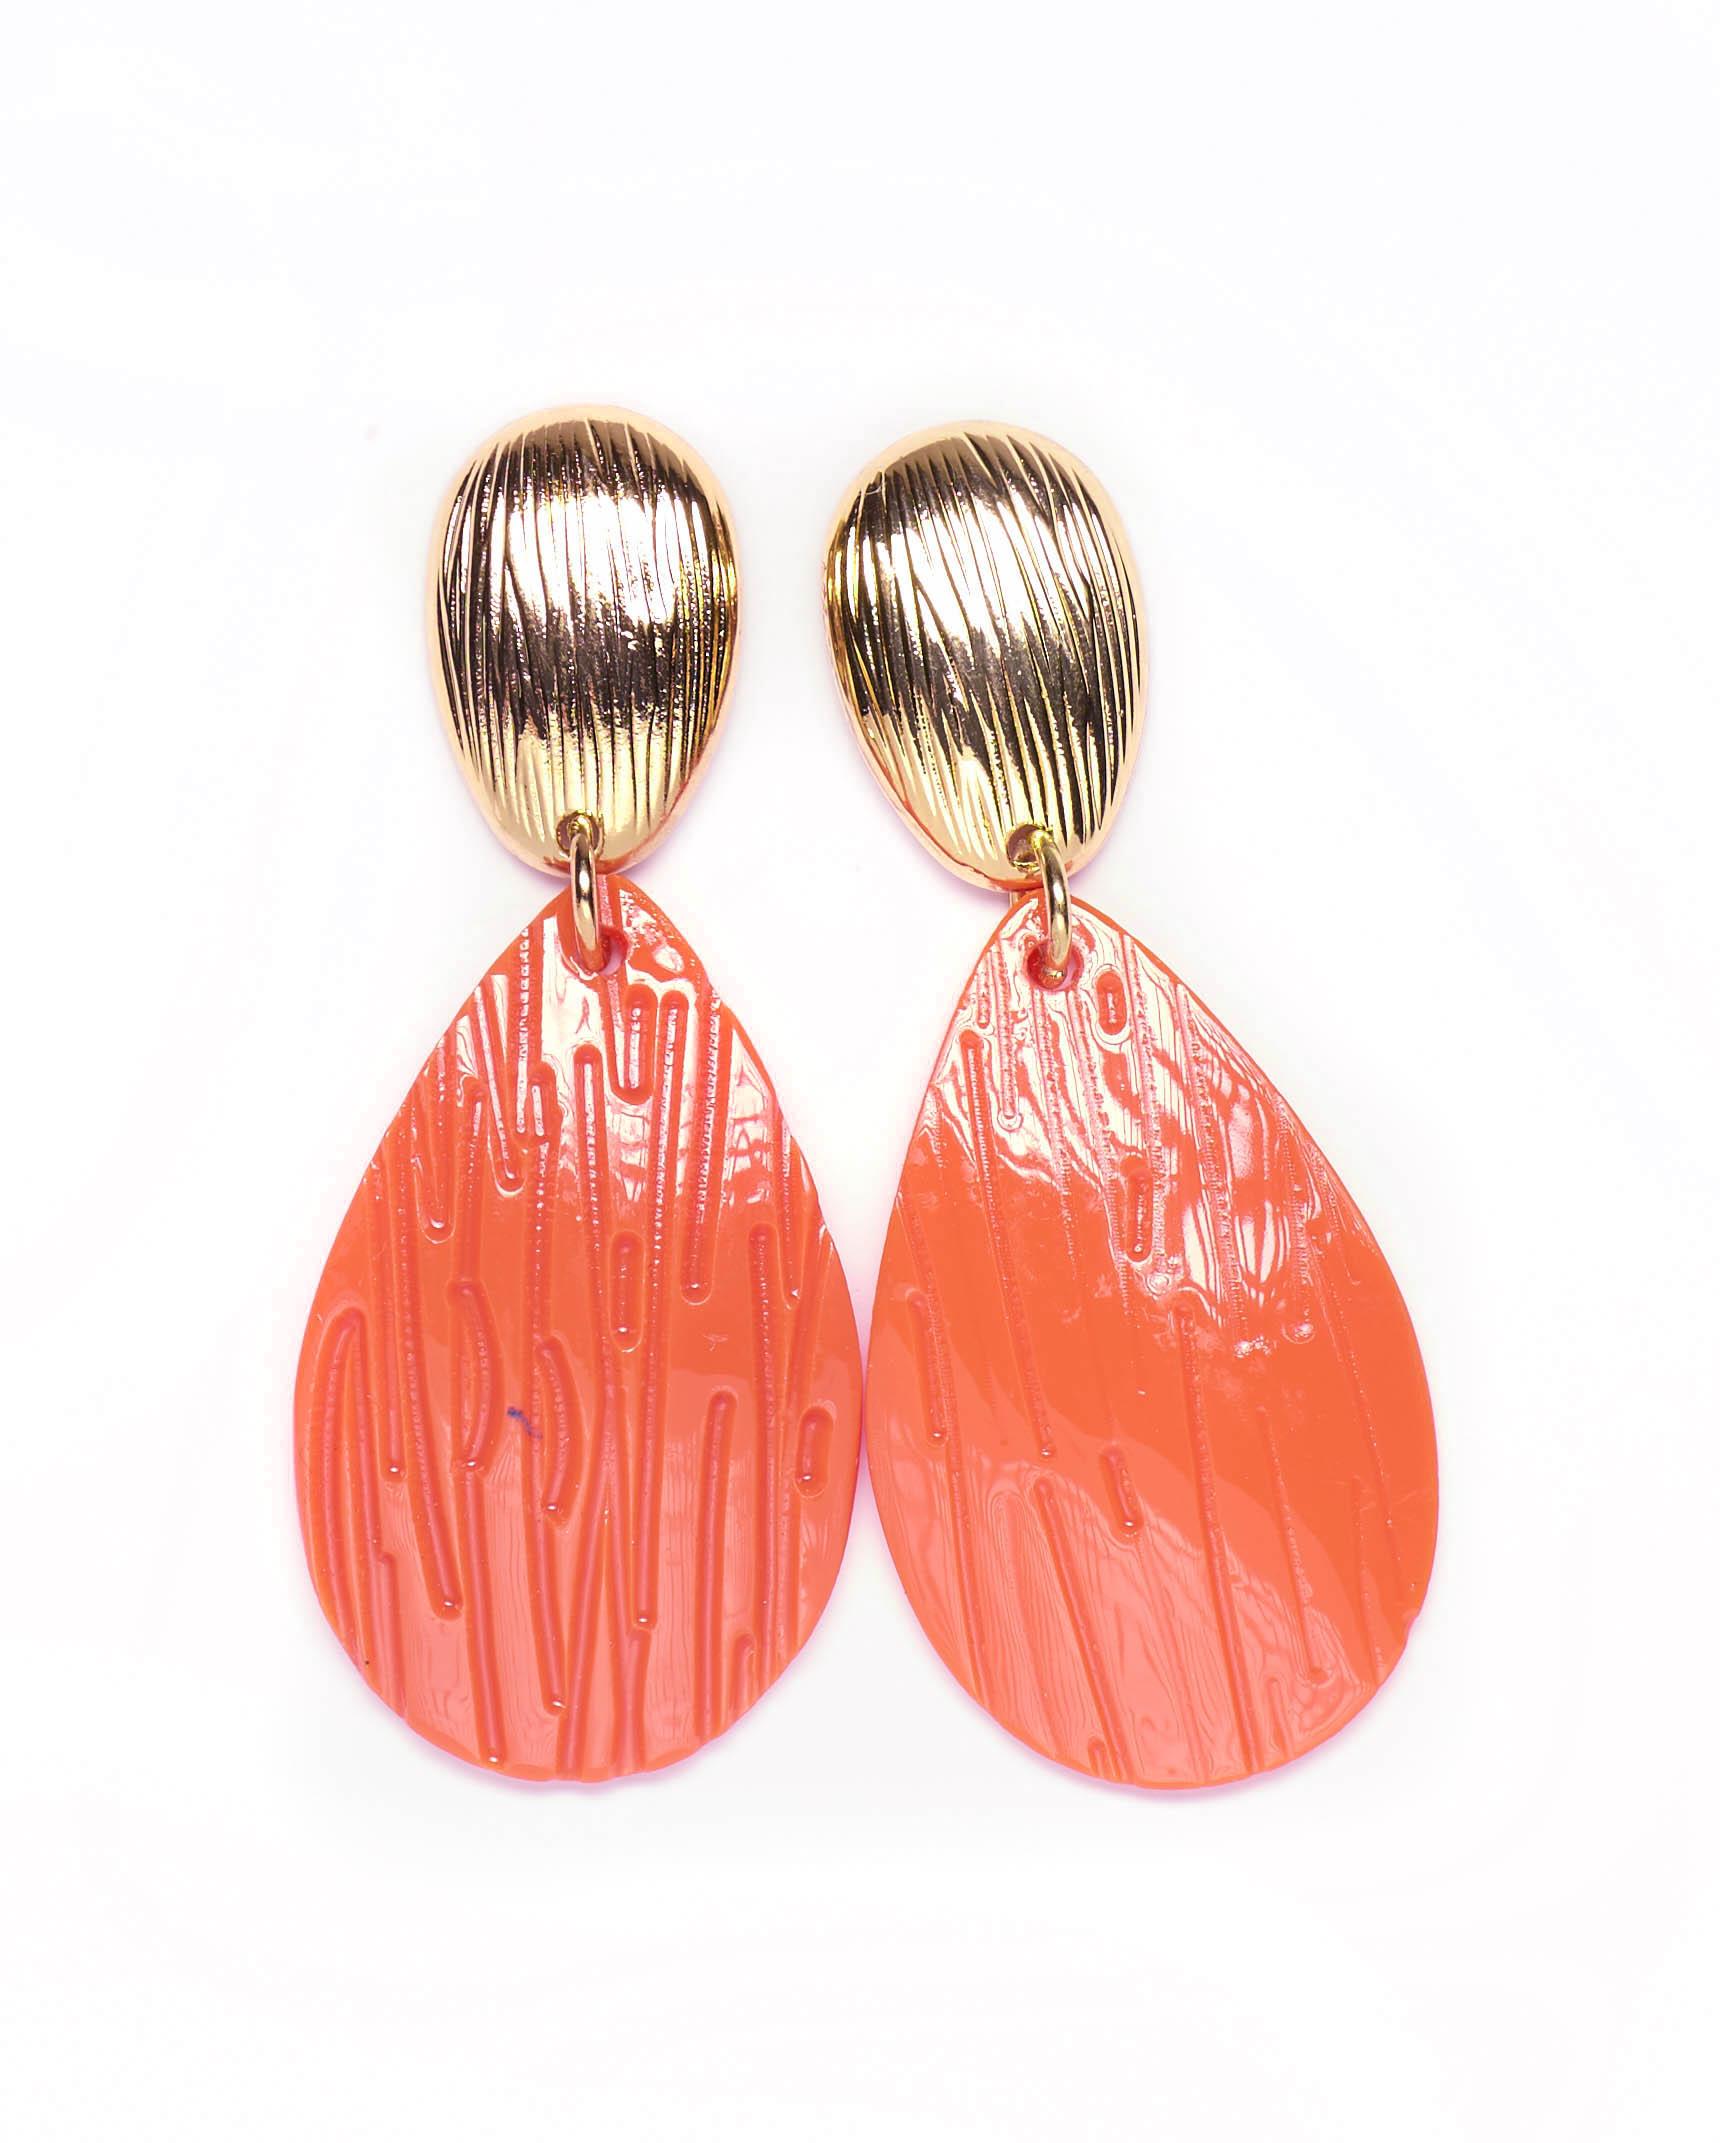 Bijoux Femme - Boucle D'Oreille Corail Jina - 36286